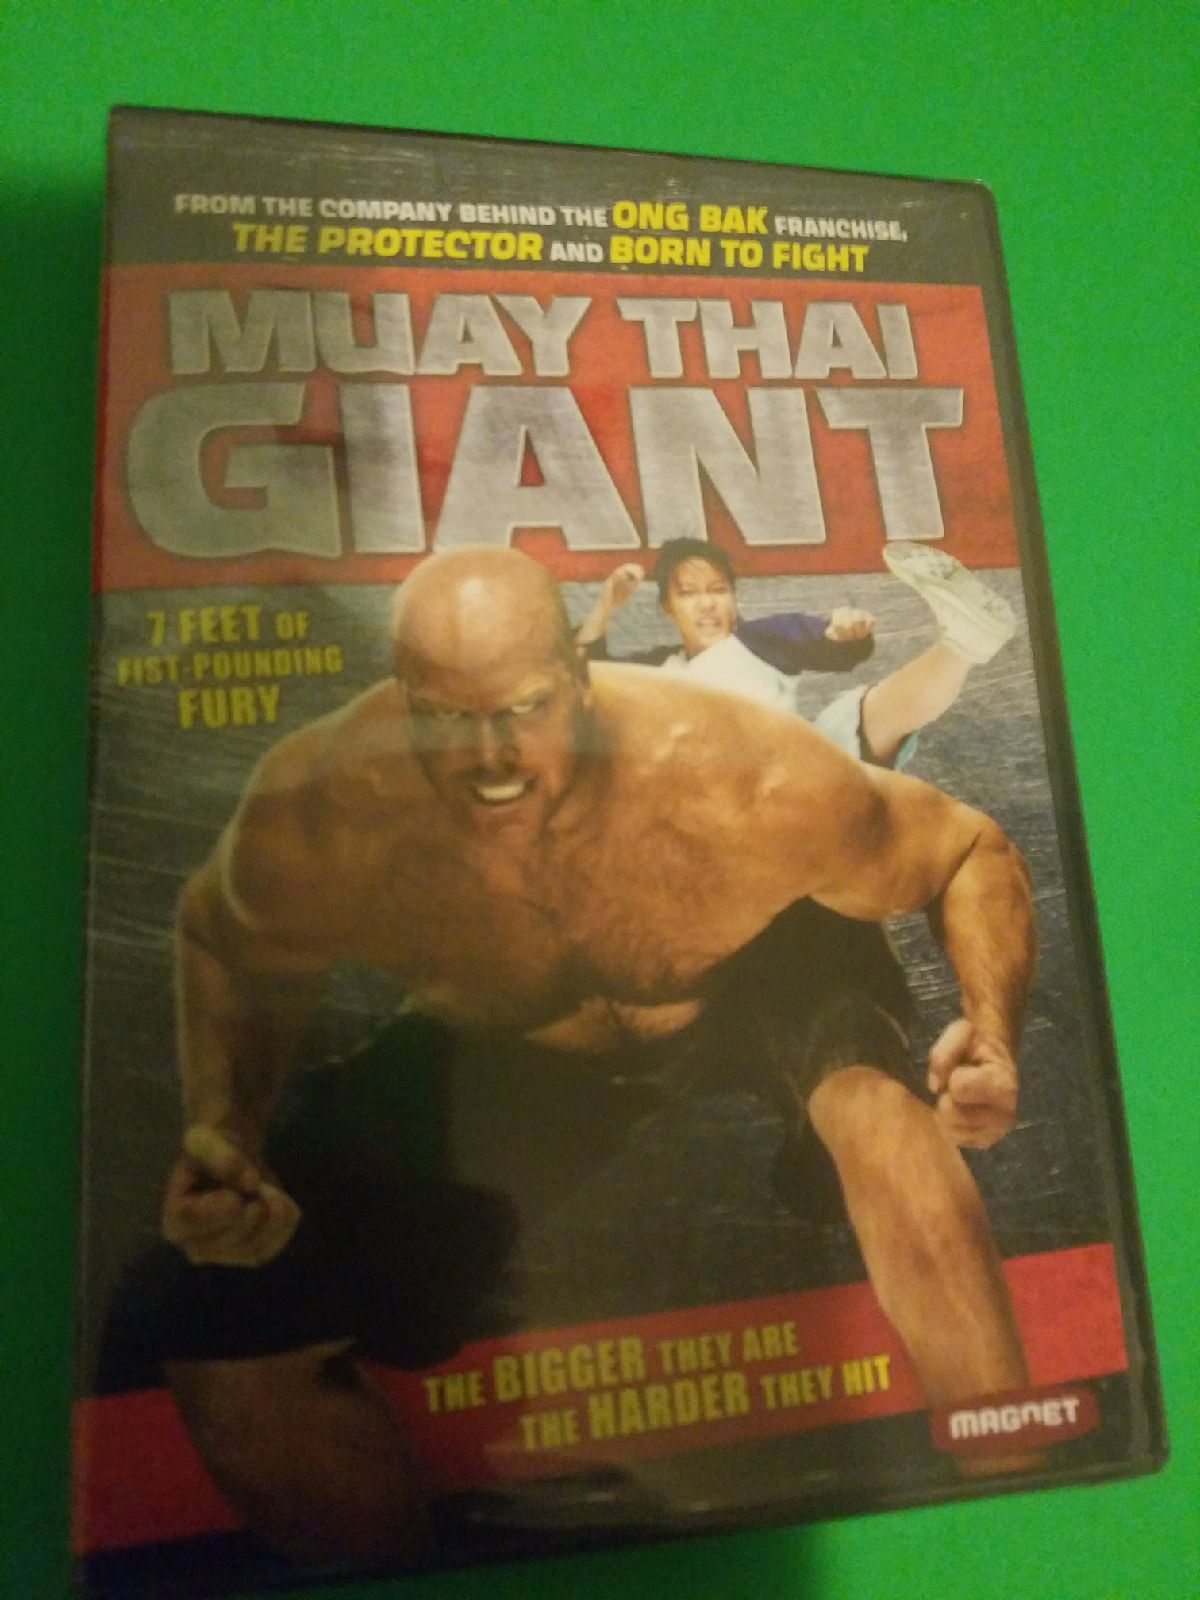 Muay Thai Giant DVD sealed brand new